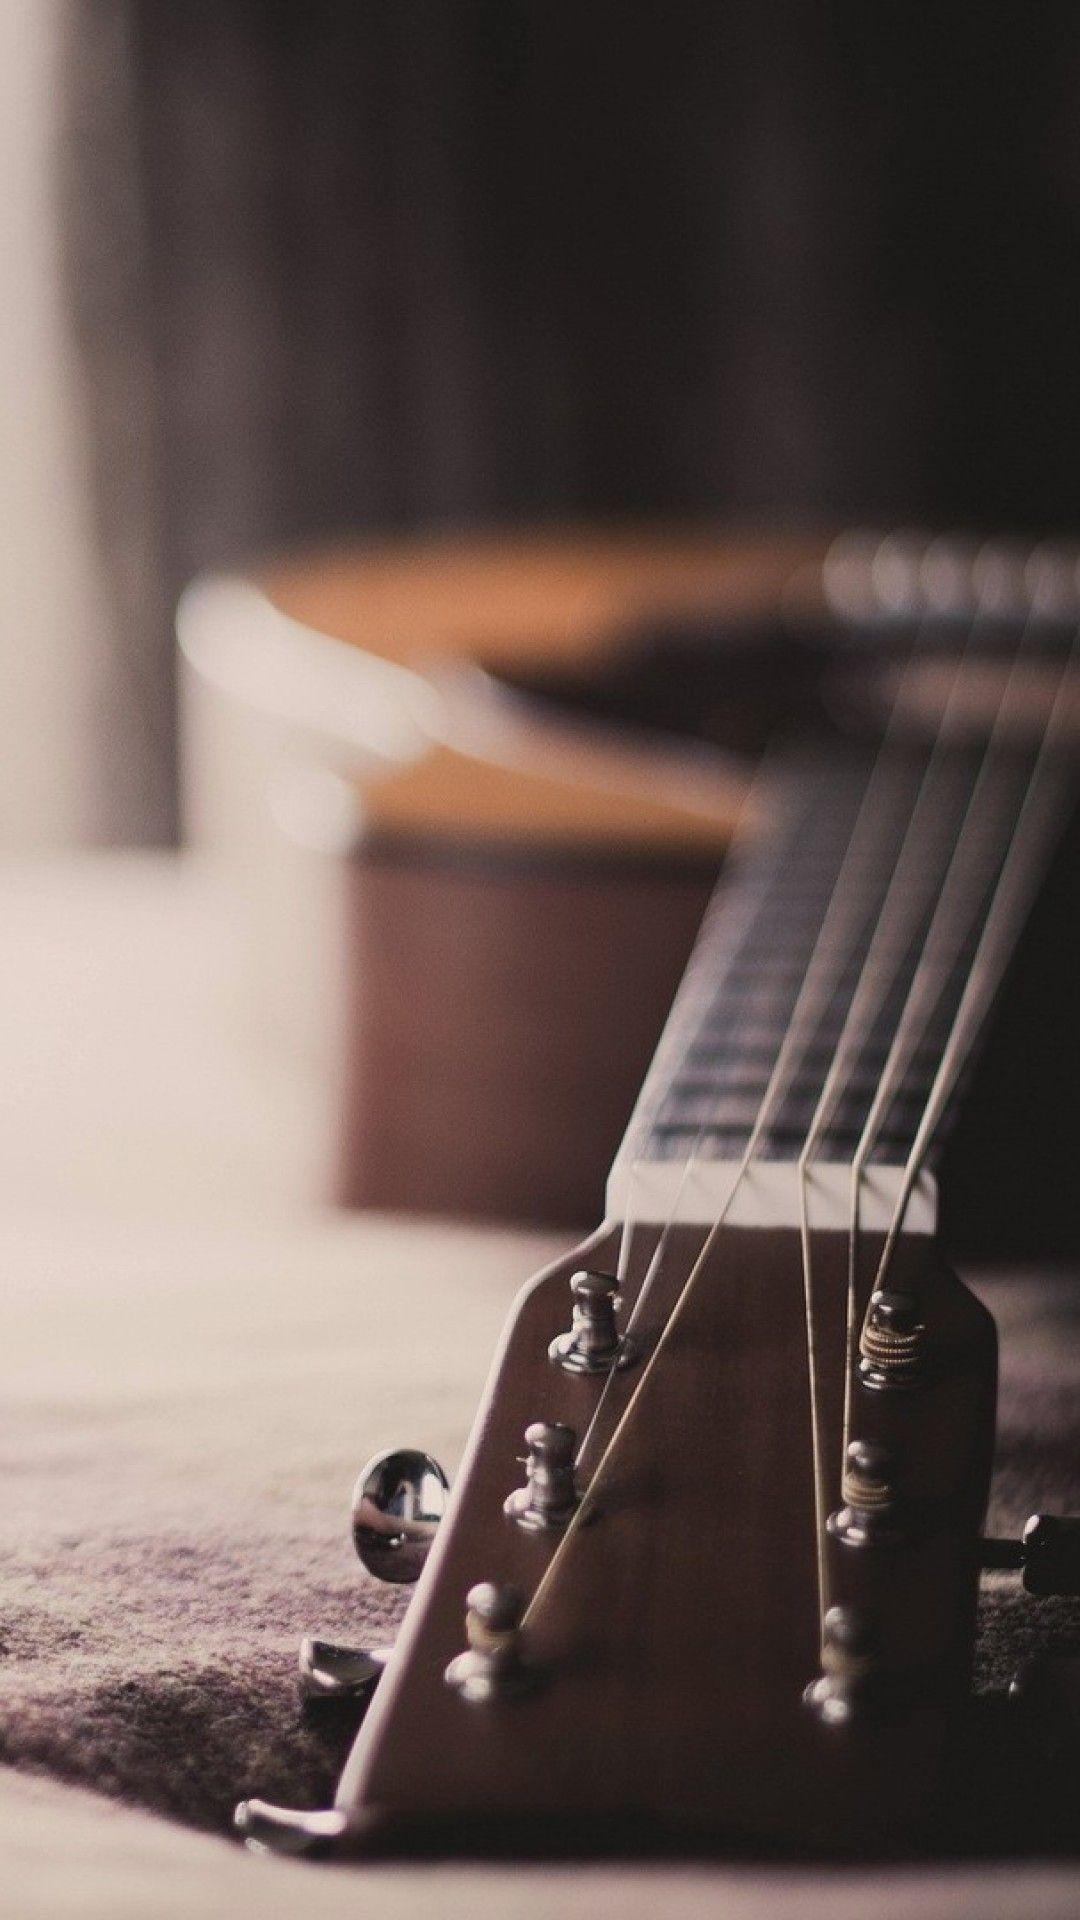 ギター Musicの壁紙 Foto Com Violao Violao Wallpaper Desenho Violao